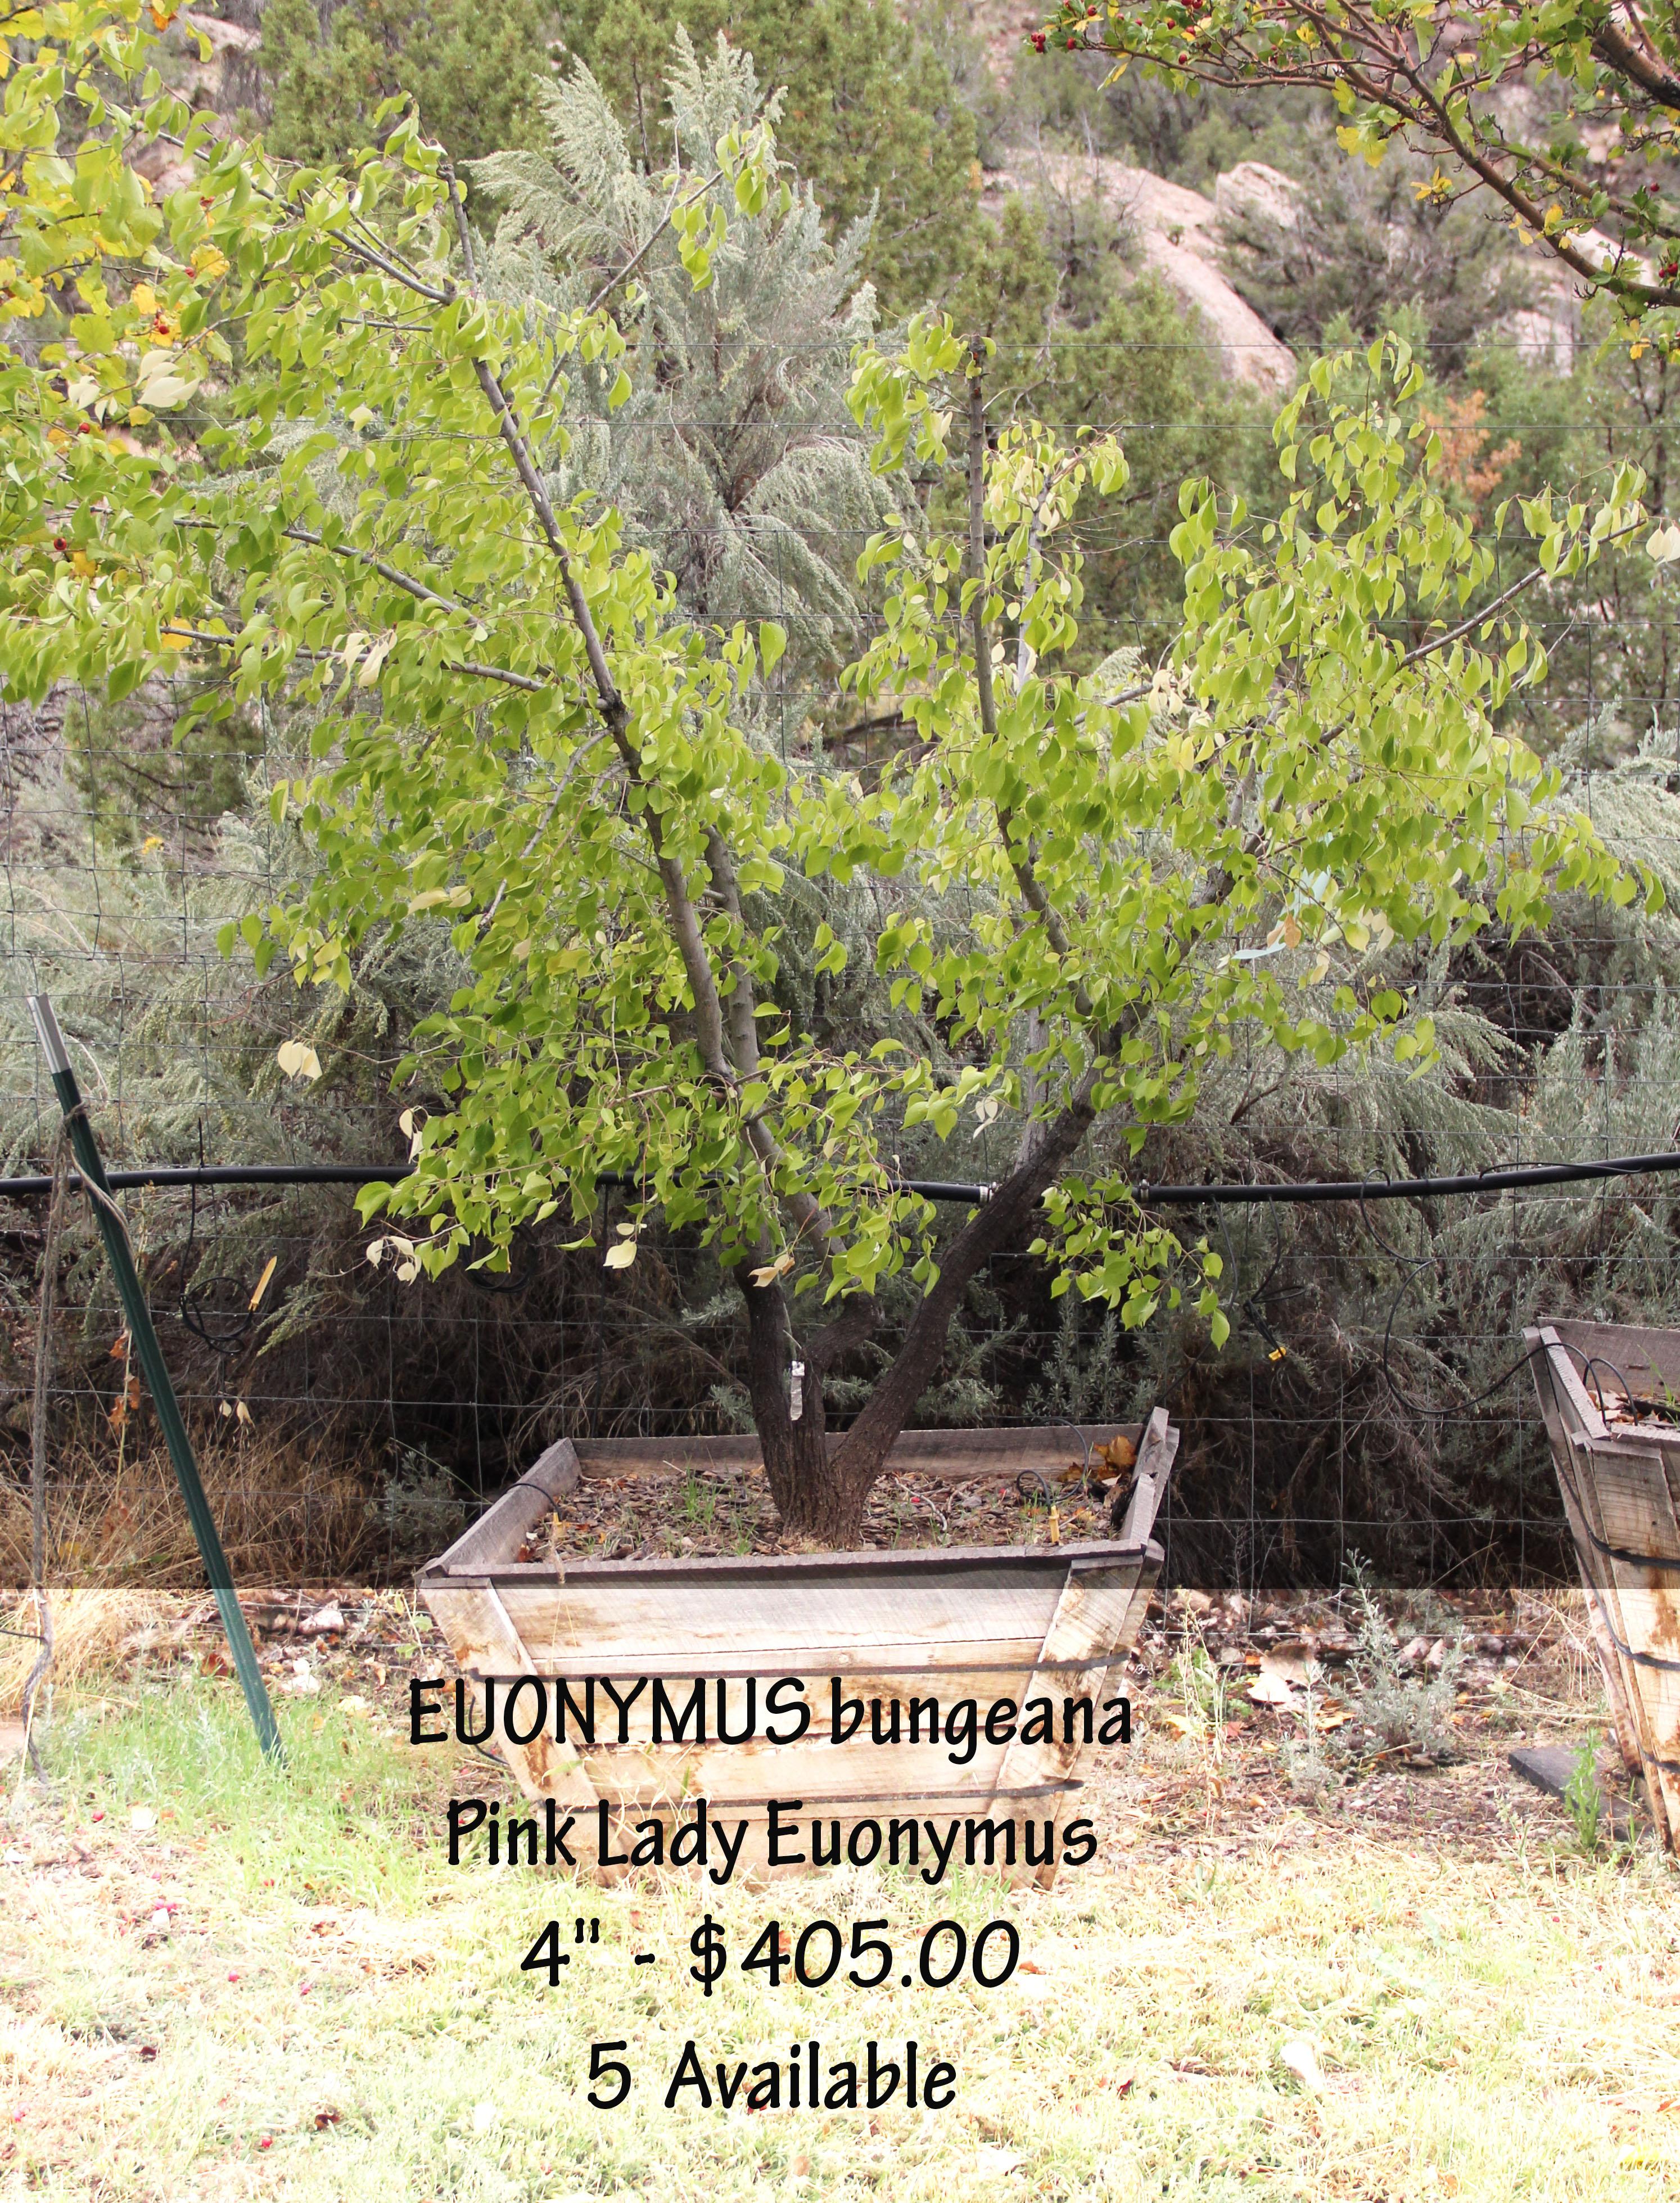 Pink Lady Euonymus